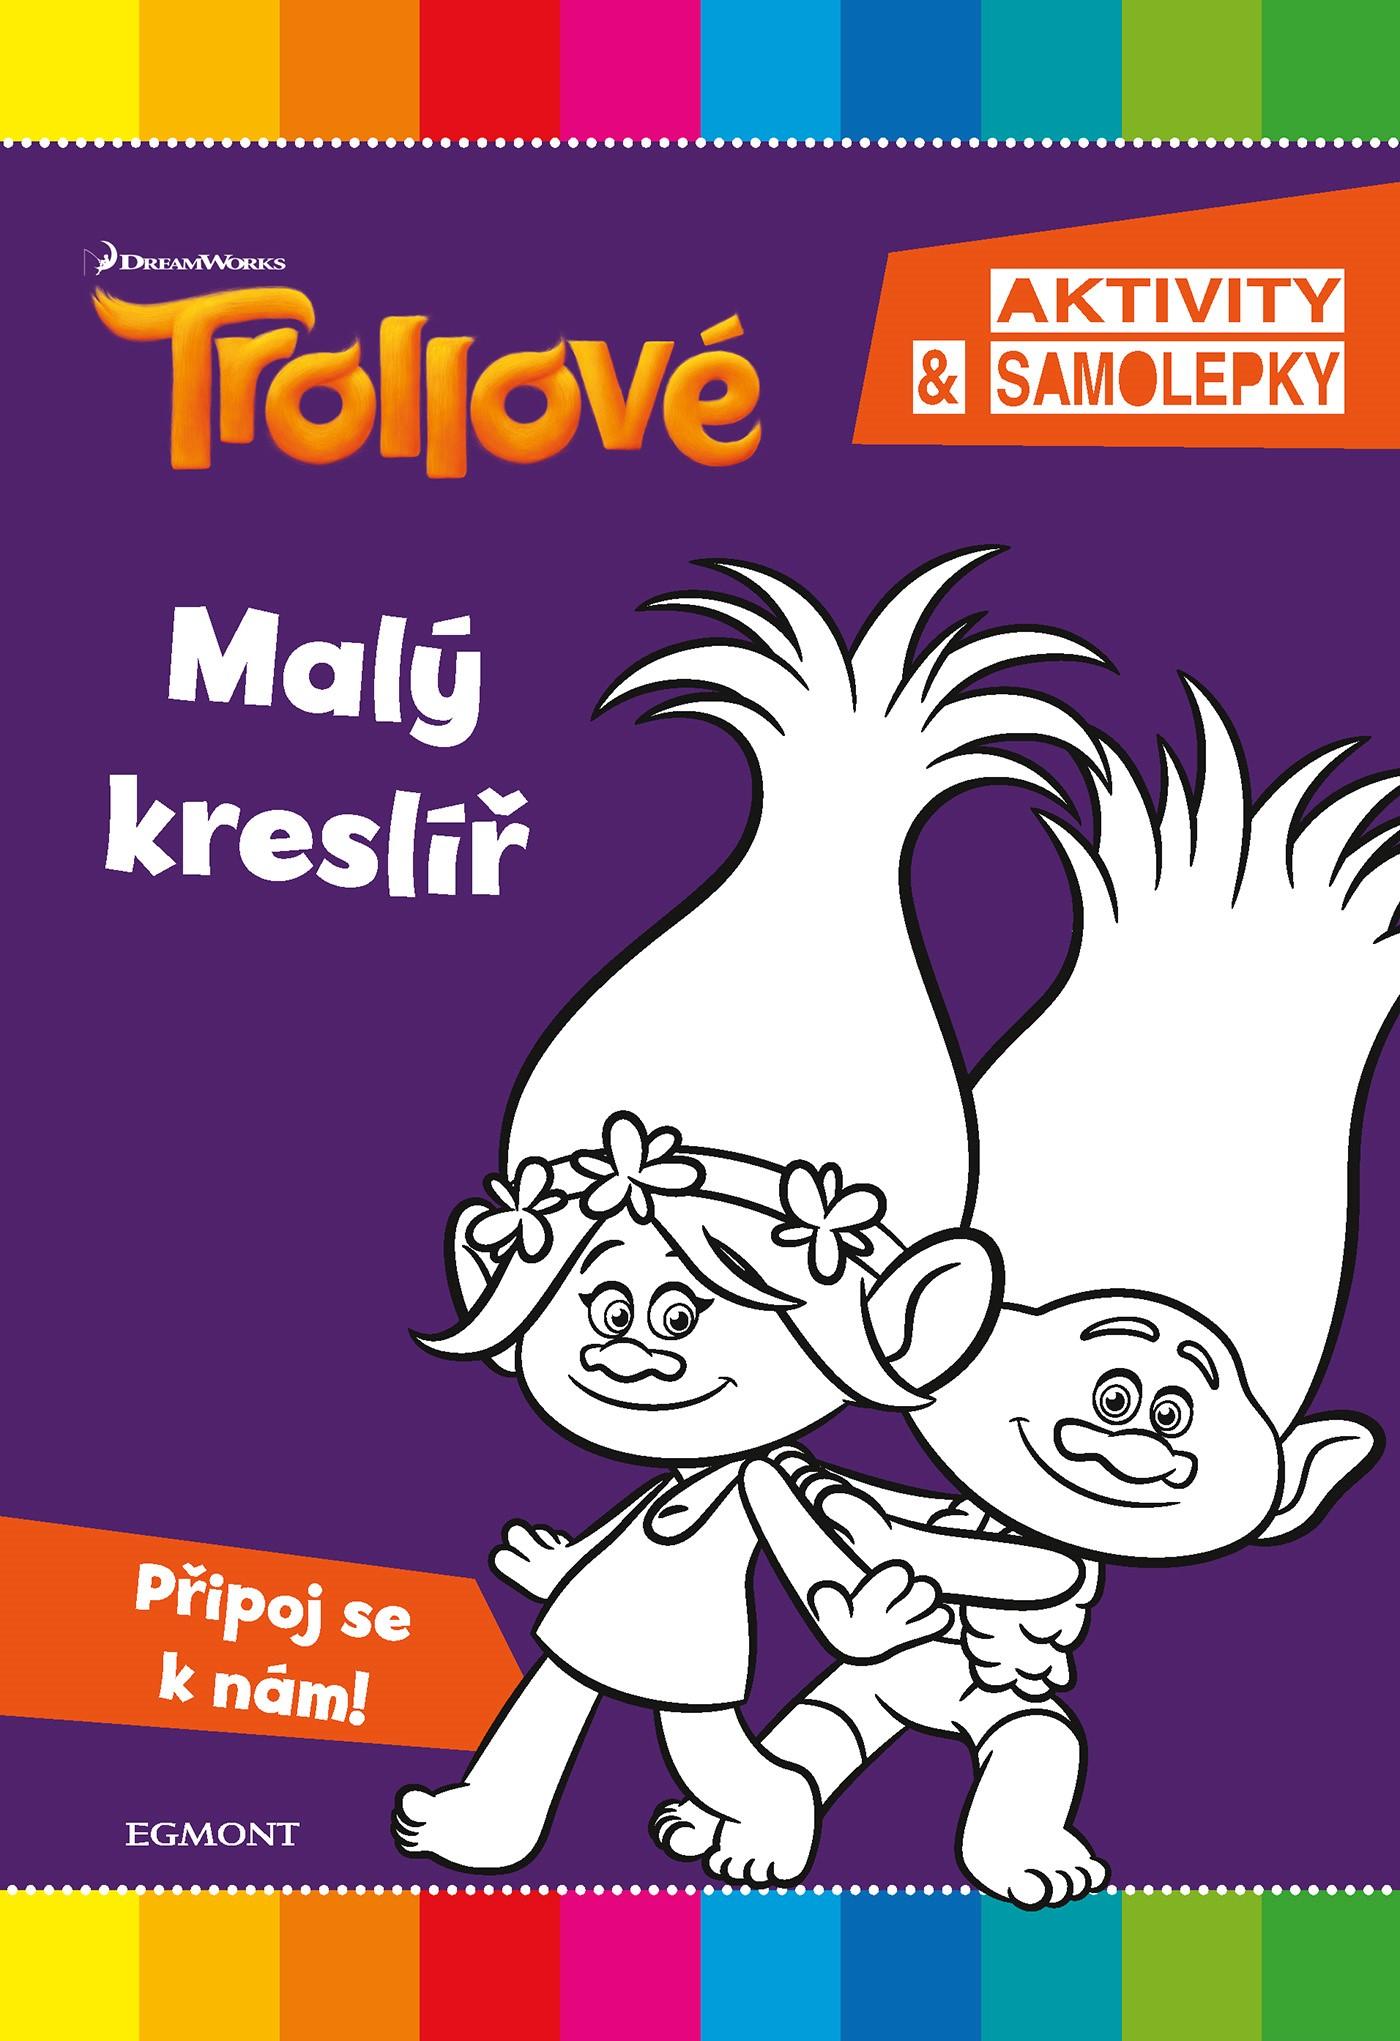 Trollové - Malý kreslíř